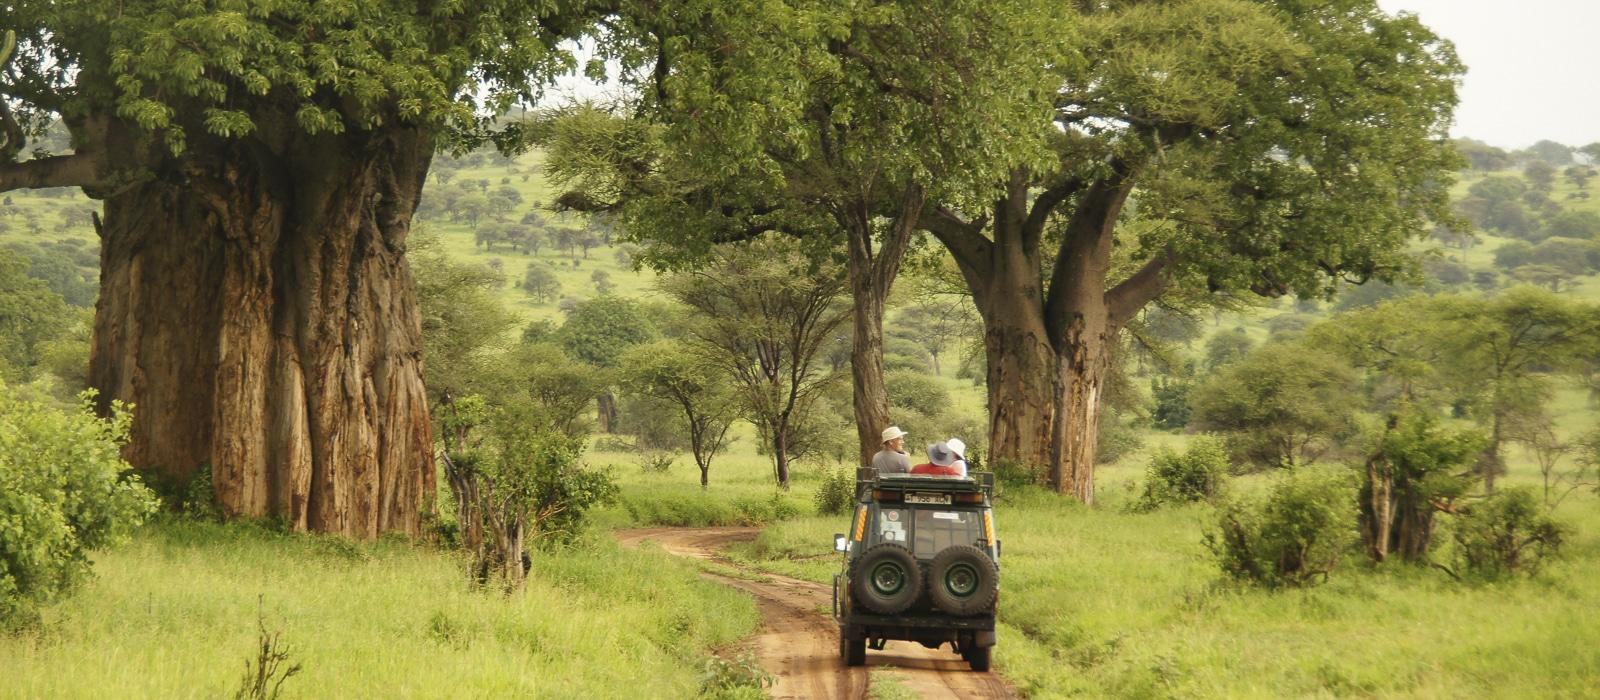 img-diapo-entete - Tanzanie-1600x700-10.jpg